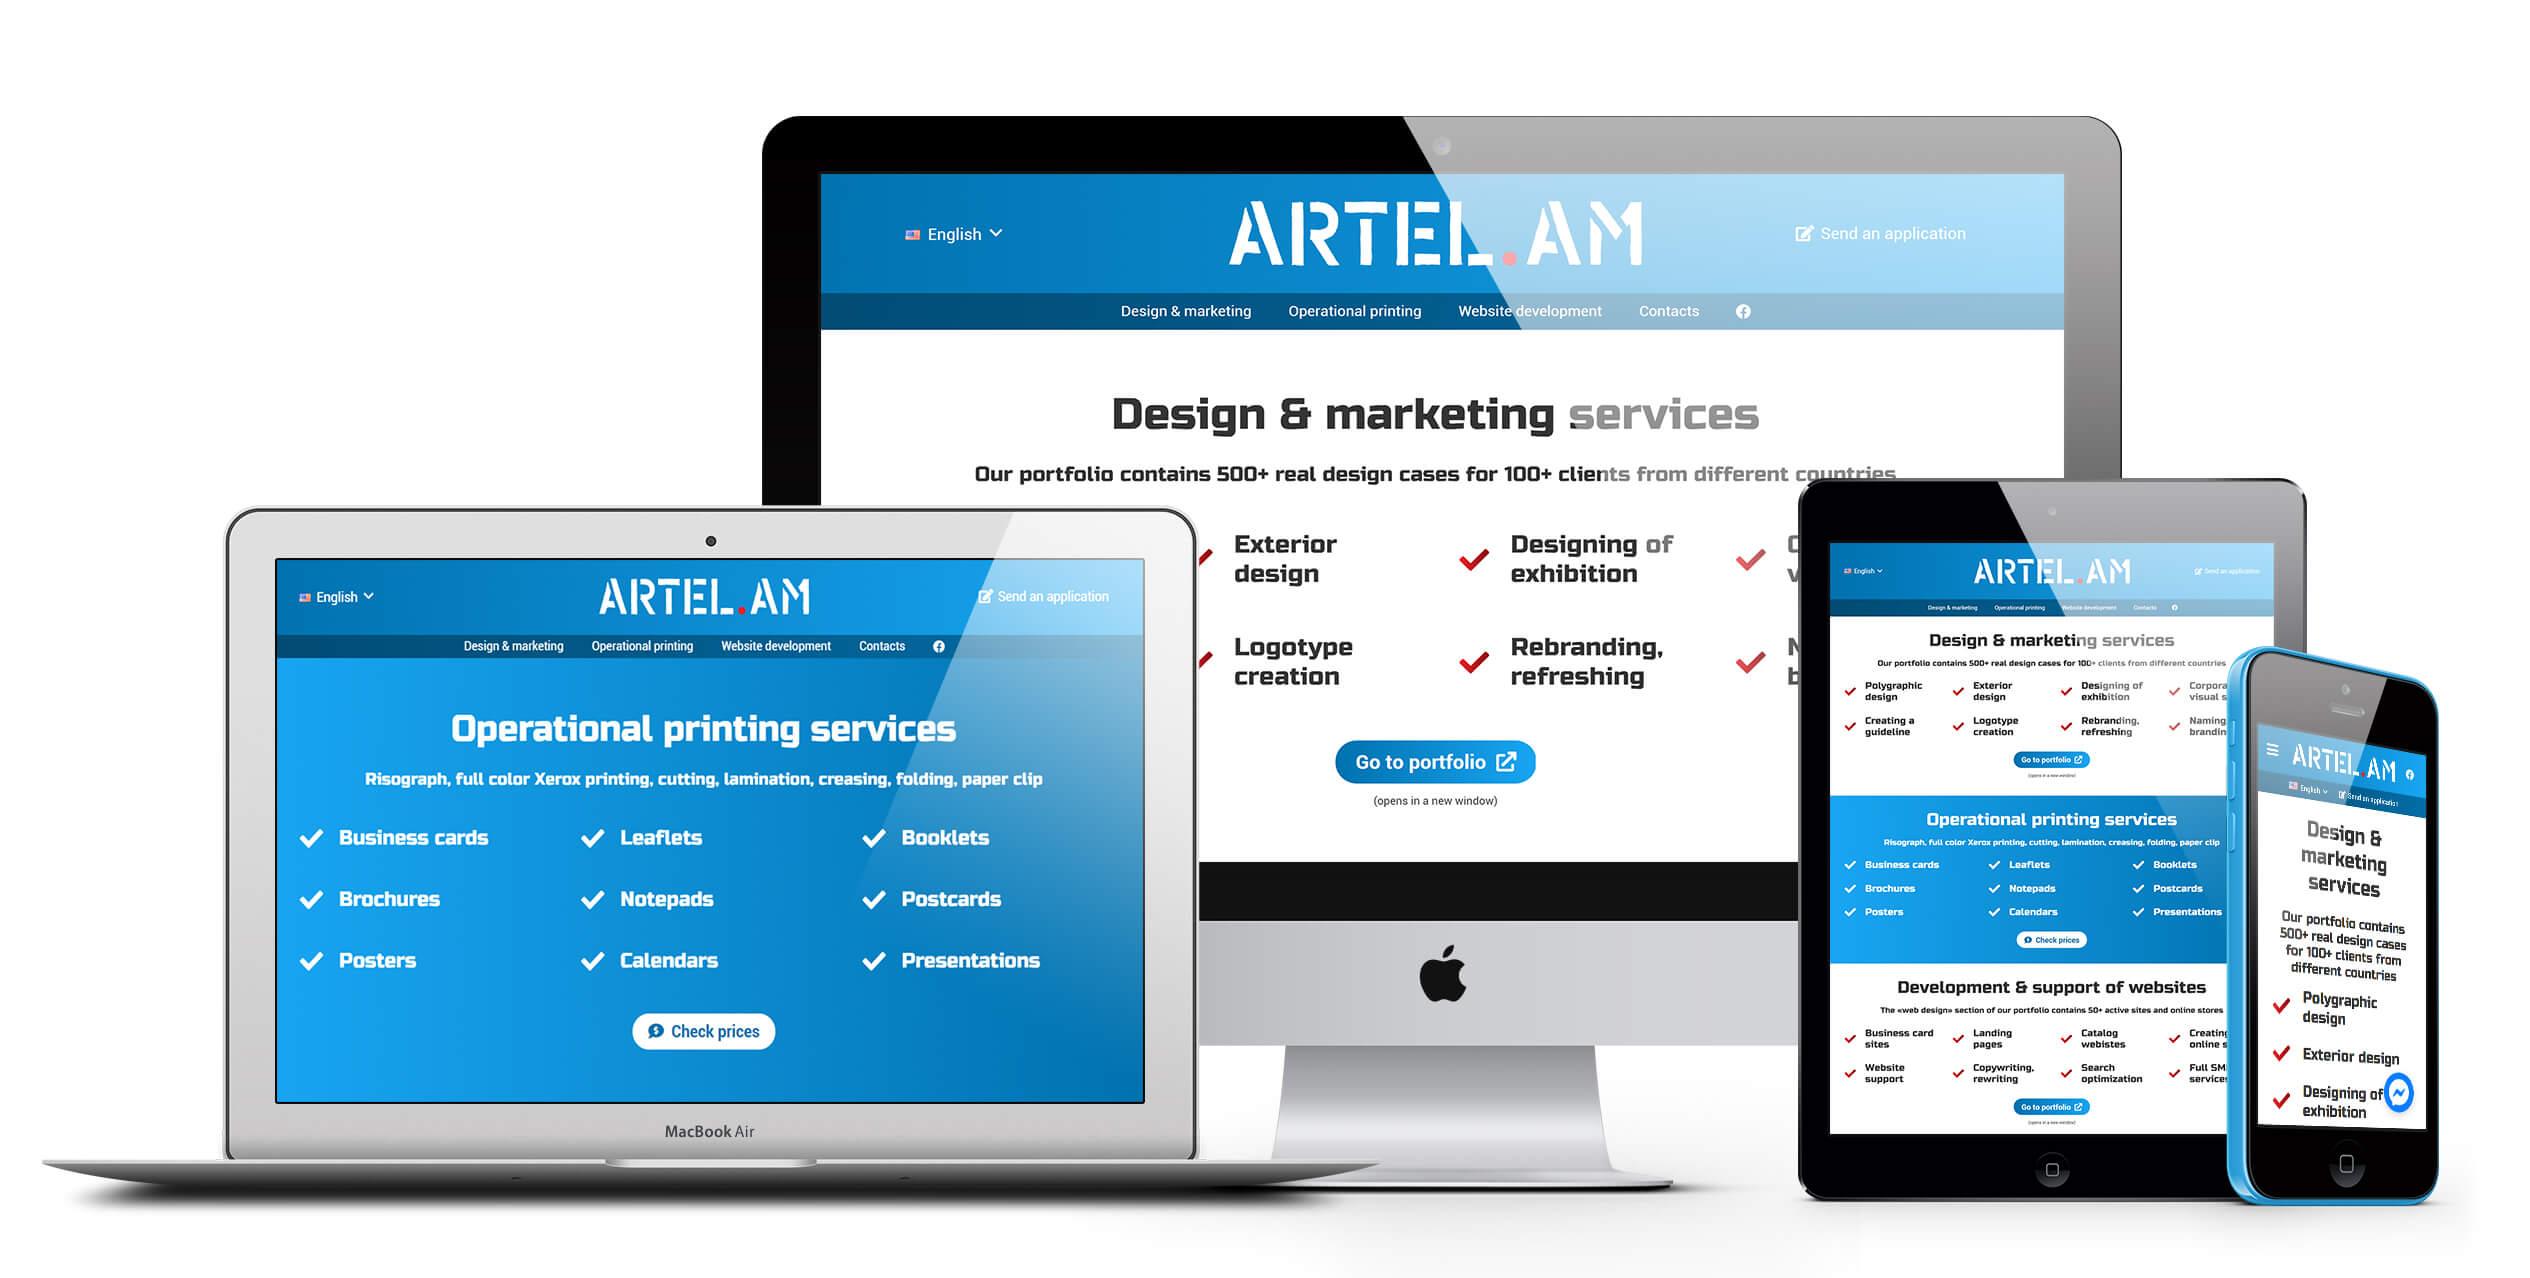 Сайт многопрофильной компании ARTEL.AM